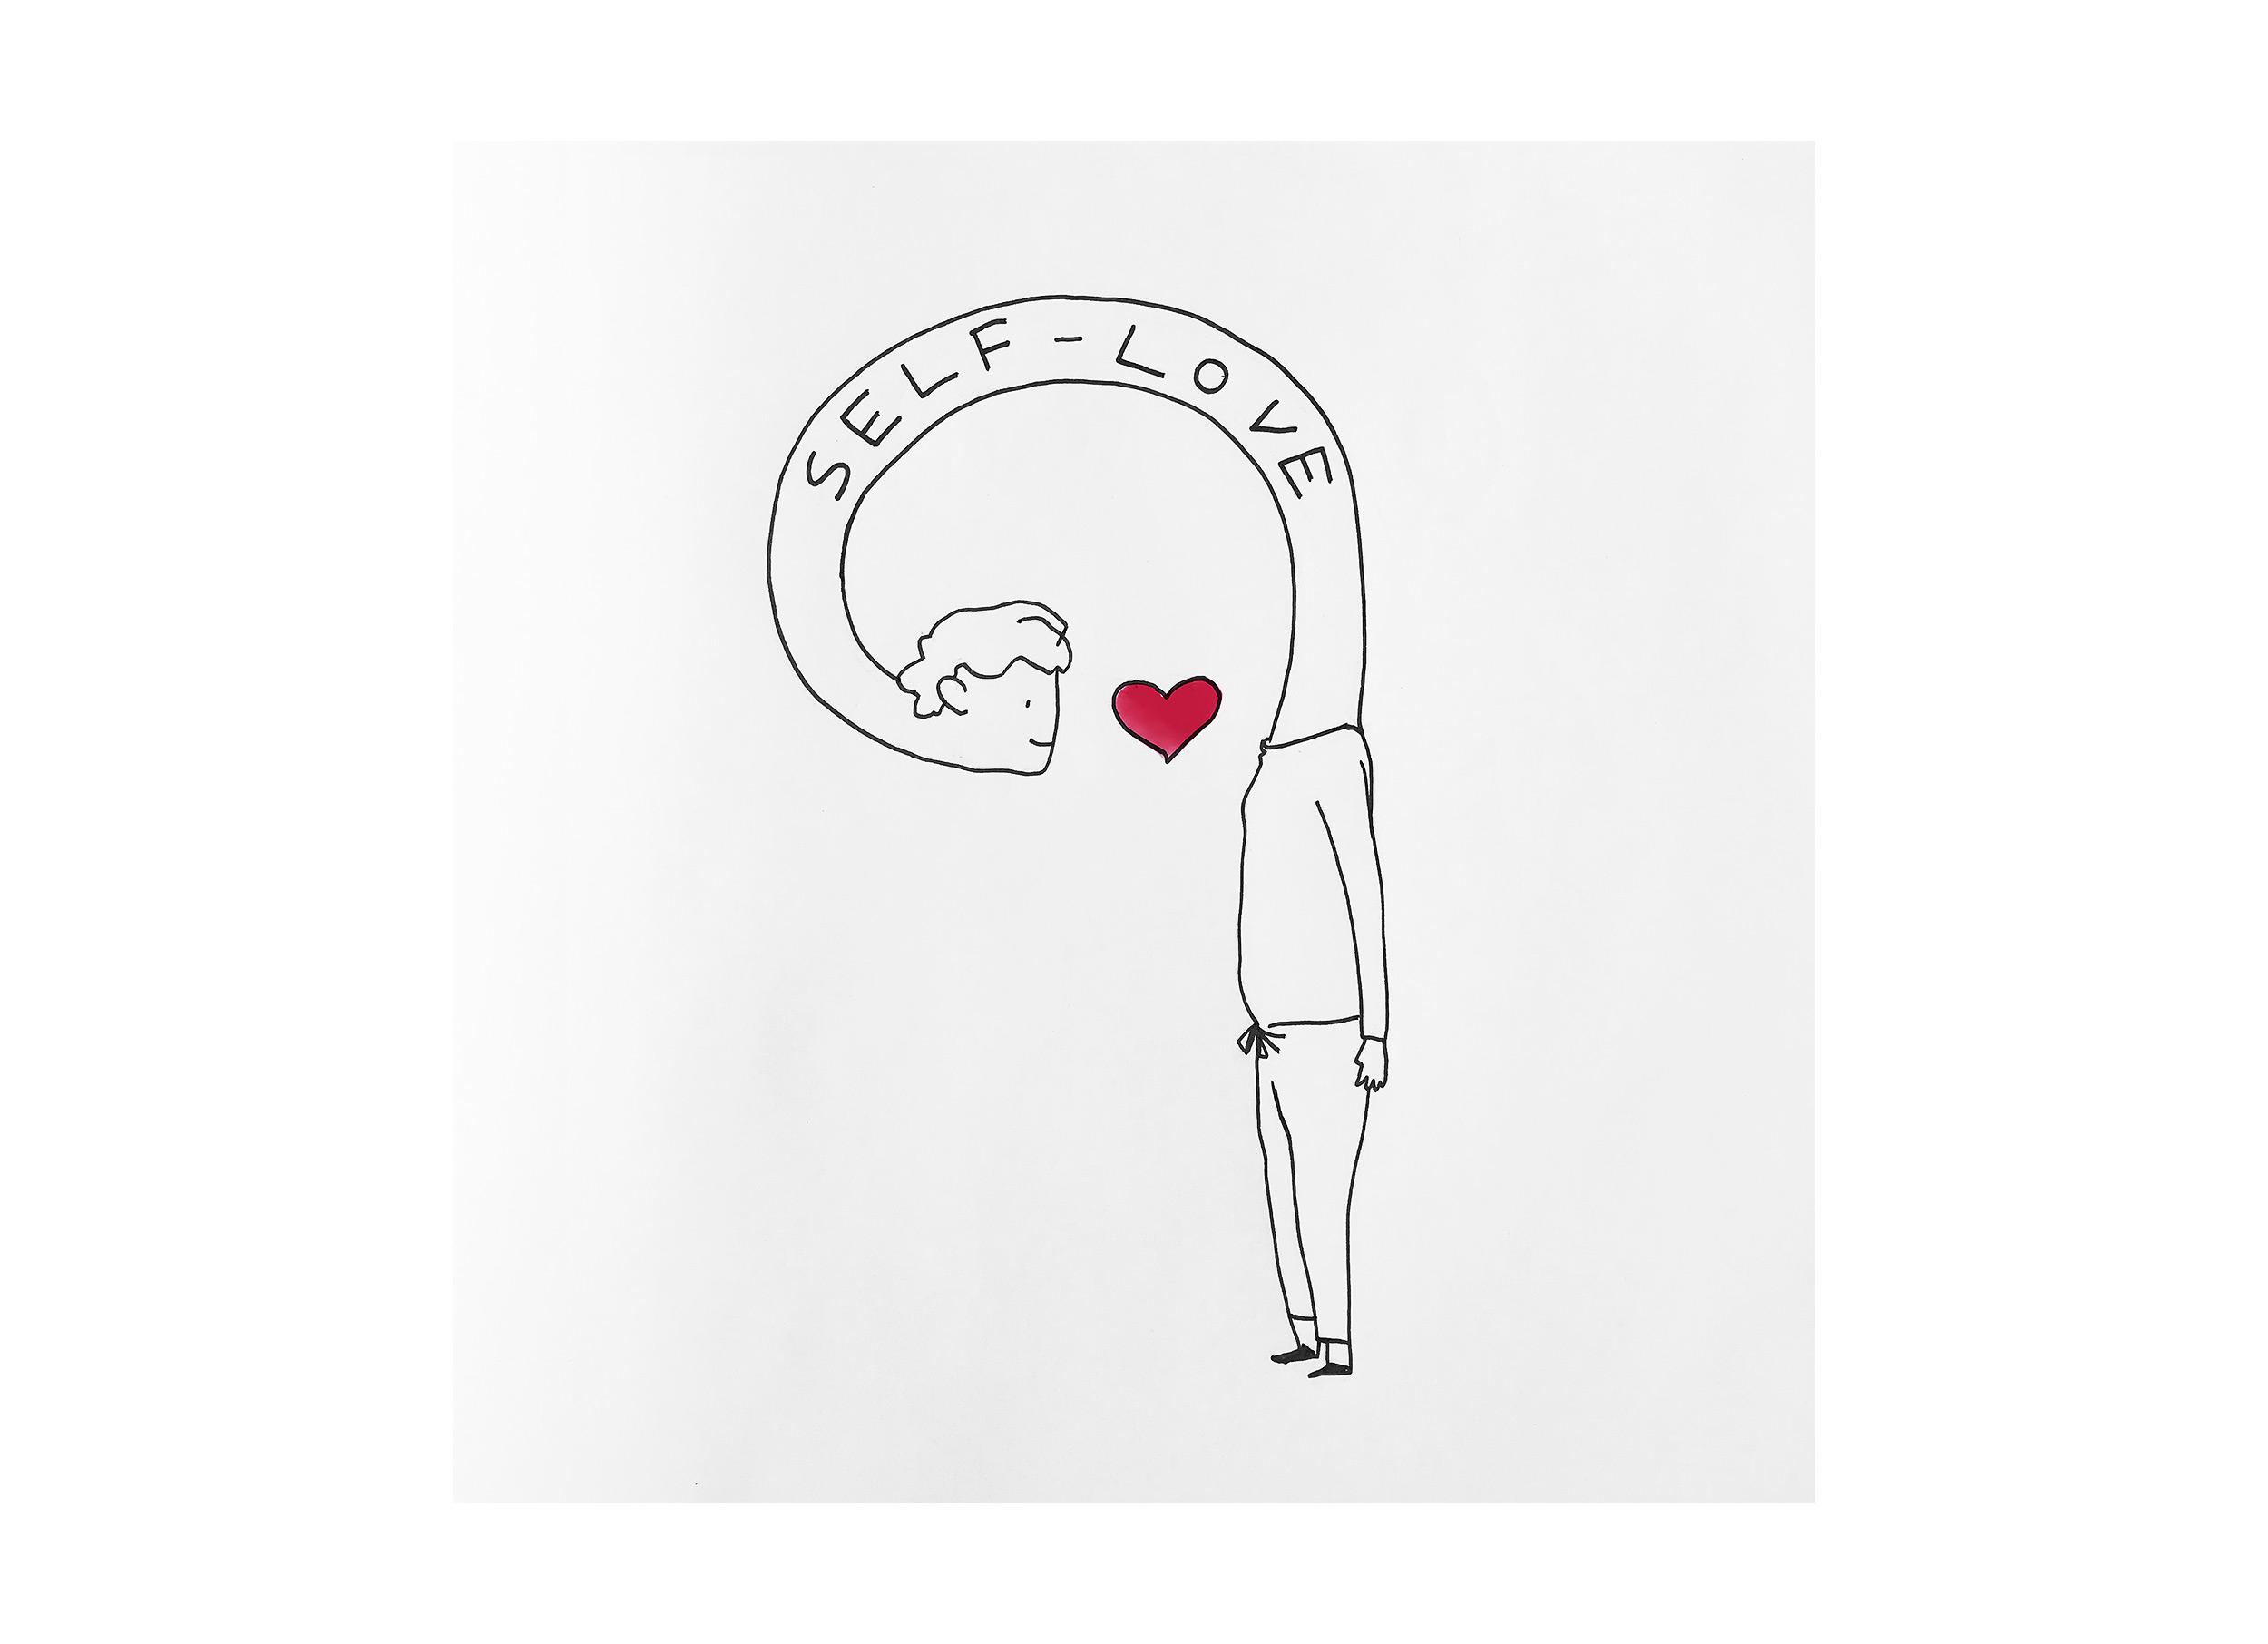 self_love.jpg